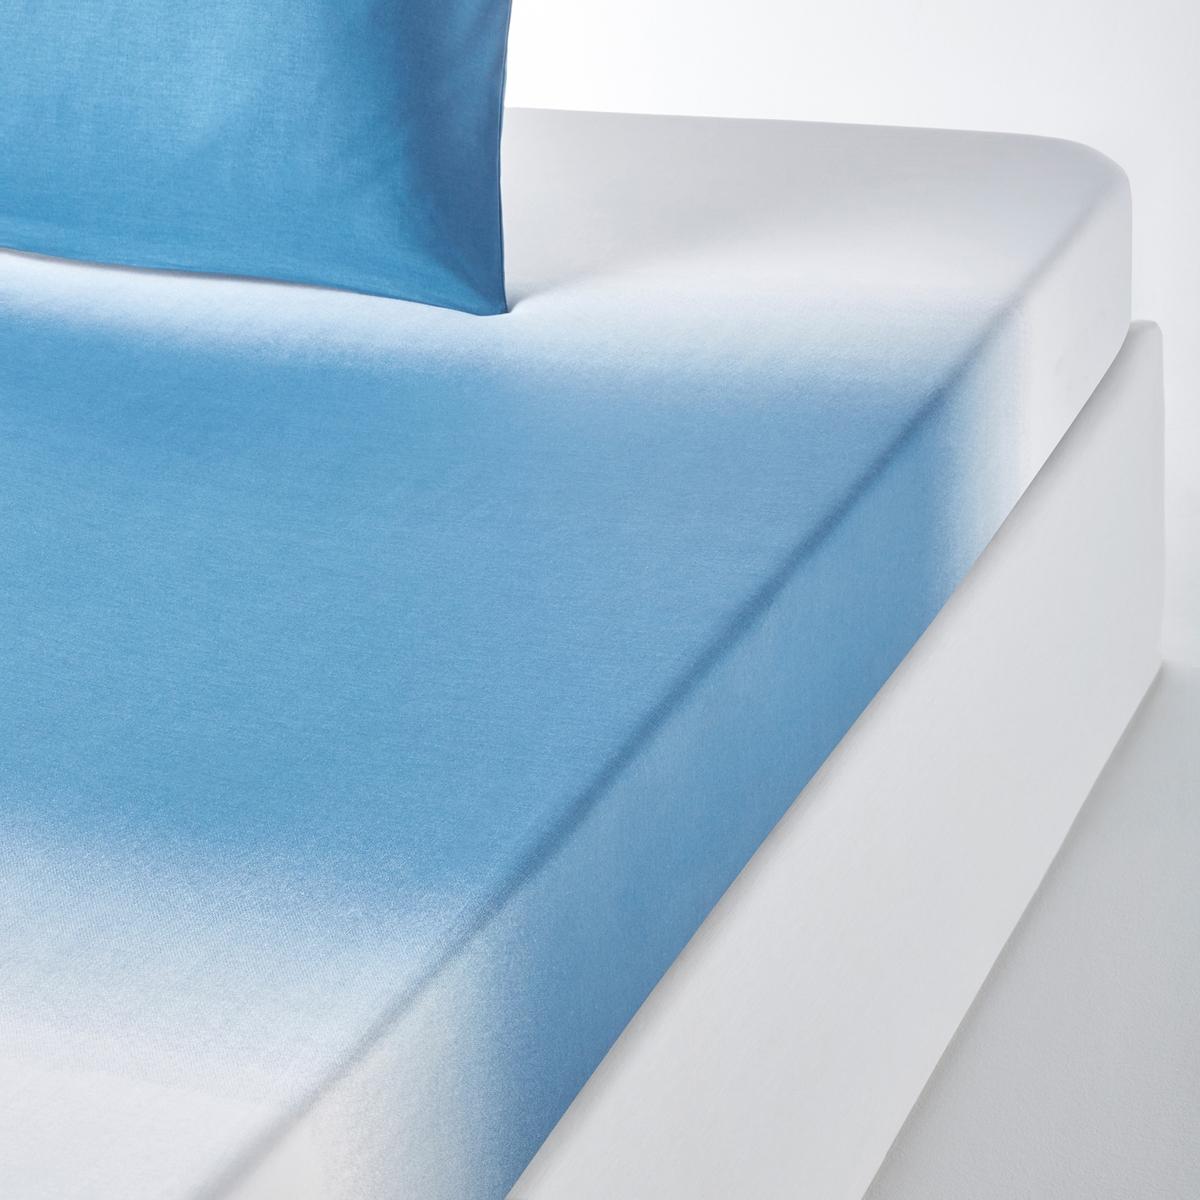 Простыня натяжная  OMBRE 57 нитей/cм?Простыня OMBRE : переход от голубого к белому.Характеристики простыни OMBRE :100% хлопок (57 нитей/см?) : чем больше нитей/см?, тем выше качество материала.Простыня с горизонтальным переходом от голубого к беломуВесь комплект белья OMBRE можно найти на laredoute.ruЛегкость ухода :Машинная стирка при 60 °СЛегкая глажка.Знак Oeko-Tex® гарантирует отсутствие вредных для здоровья человека веществ в протестированных и сертифицированных изделиях.Размеры :90 x 190 см : 1-сп.140 x 190 см : 2-сп.160 x 200 см : 2-сп.180 x 200 см : 2-сп.<br><br>Цвет: синий